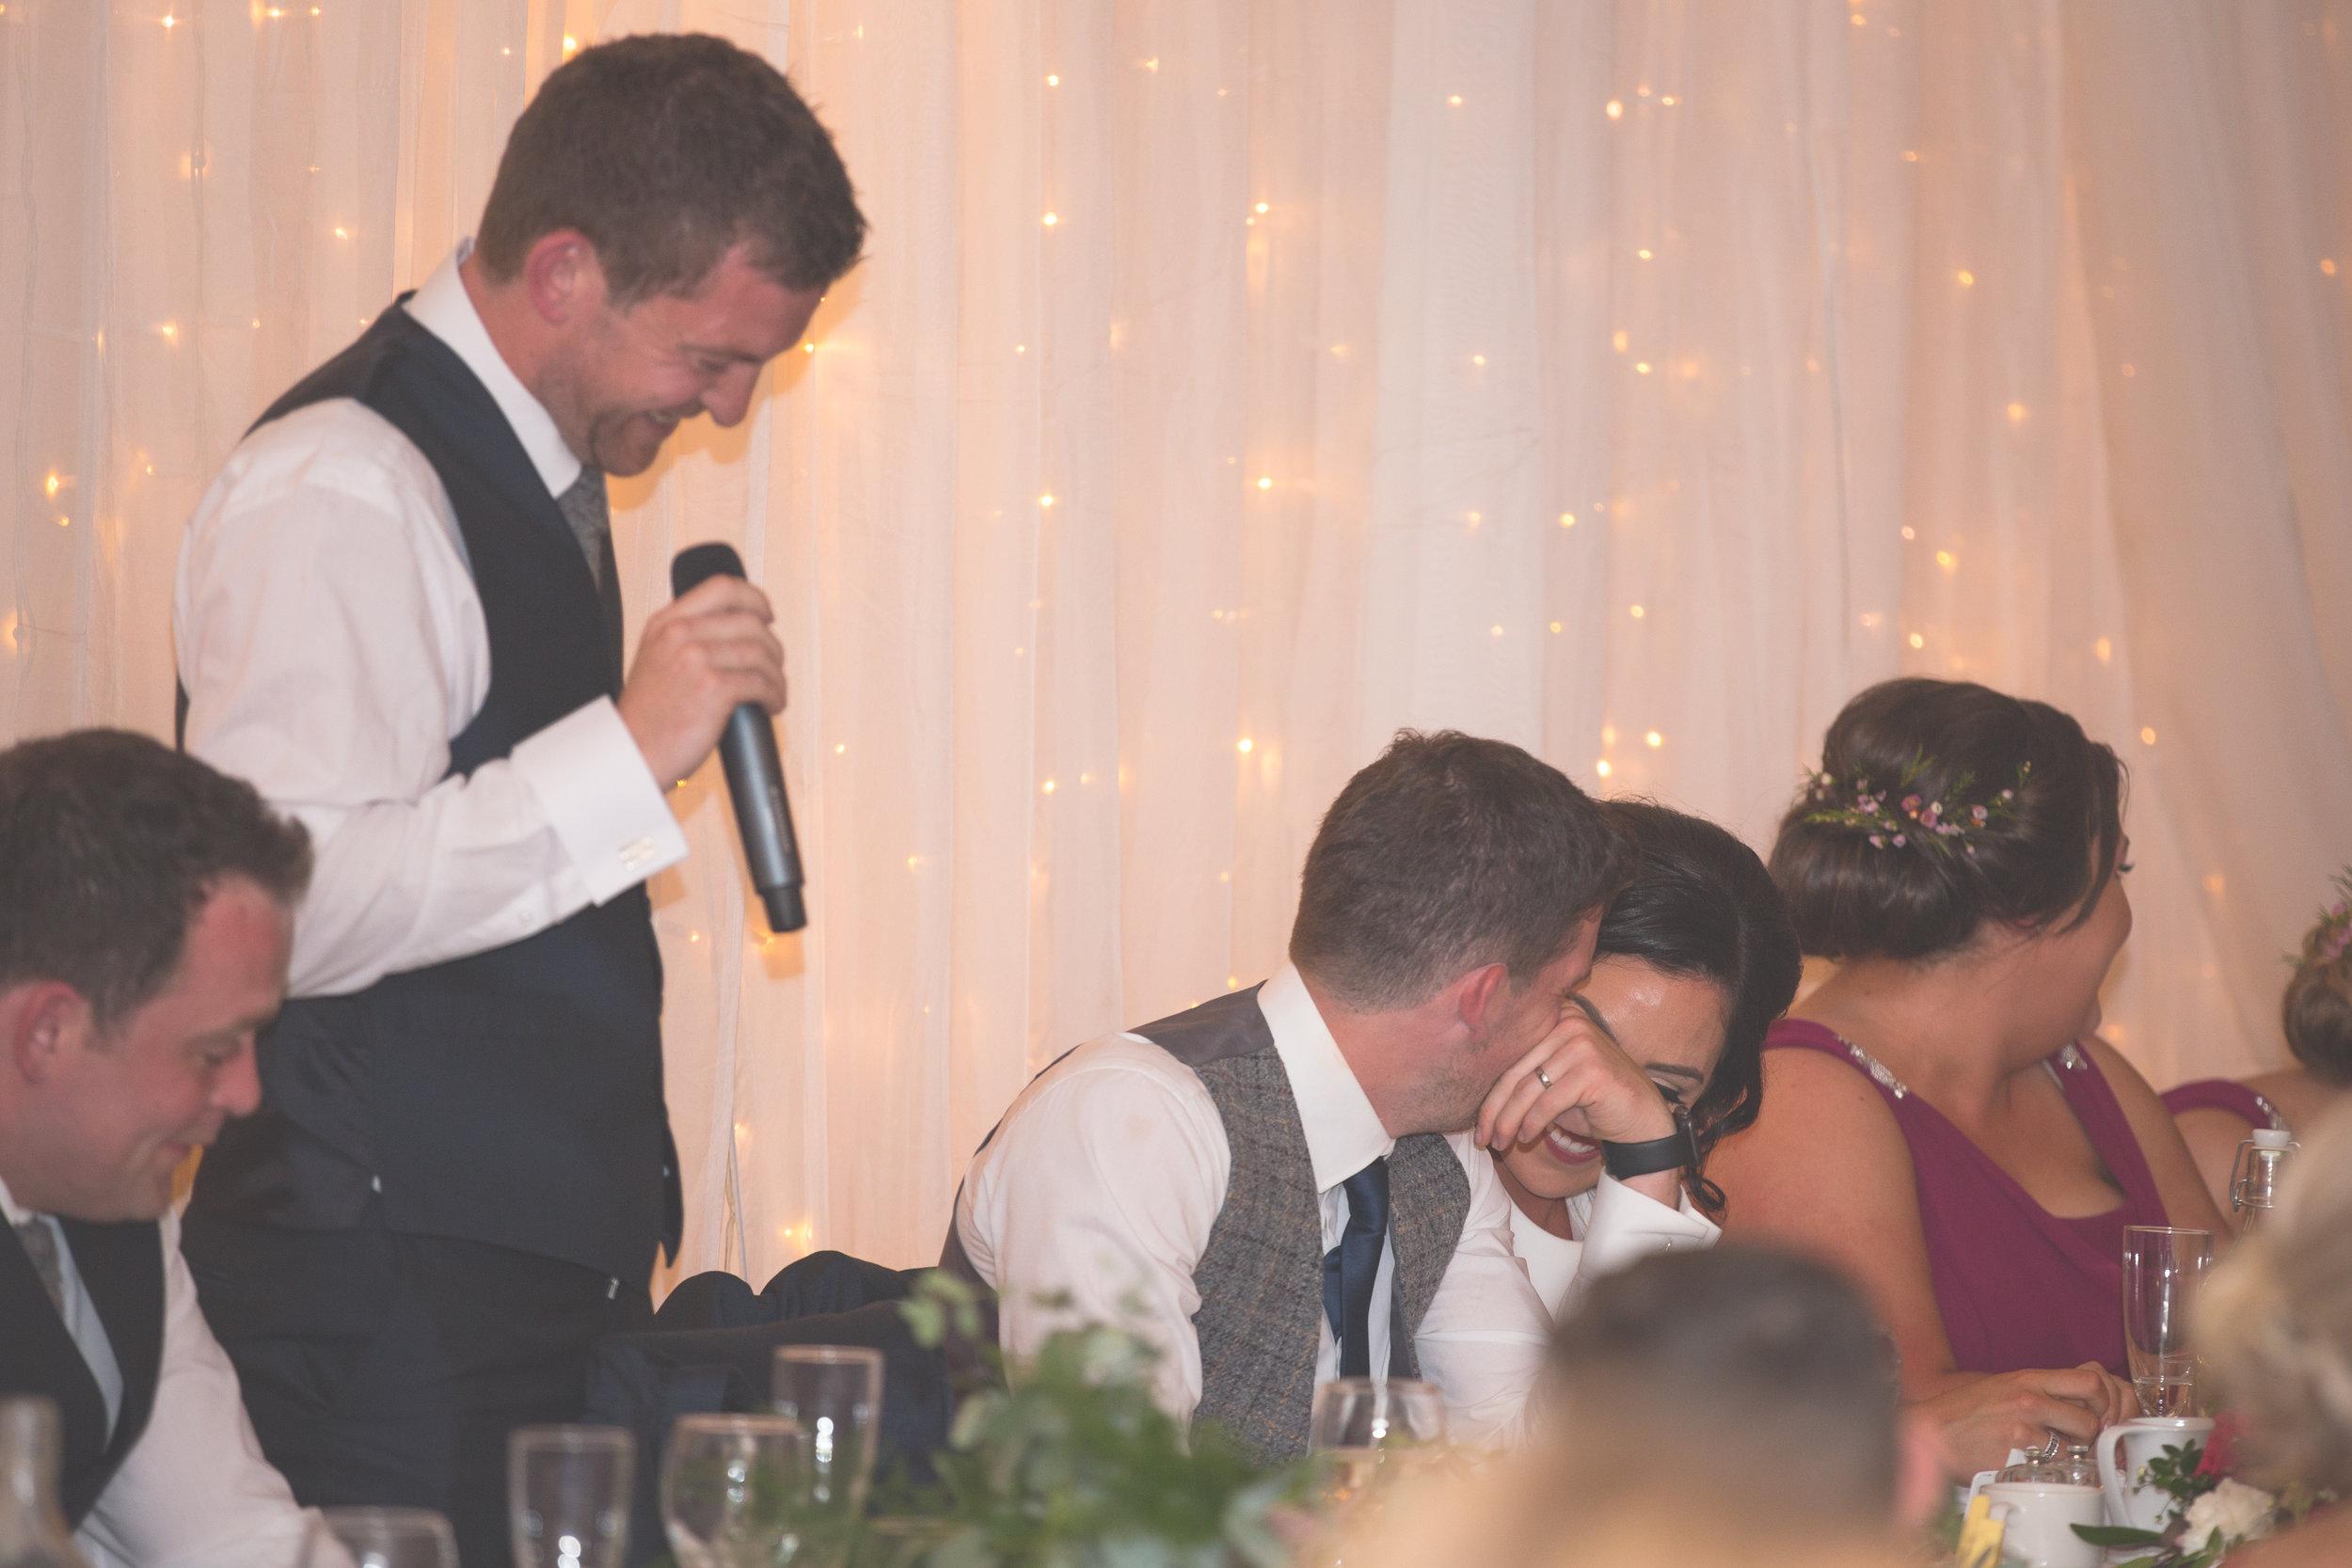 Brian McEwan Wedding Photography | Carol-Anne & Sean | The Speeches-111.jpg